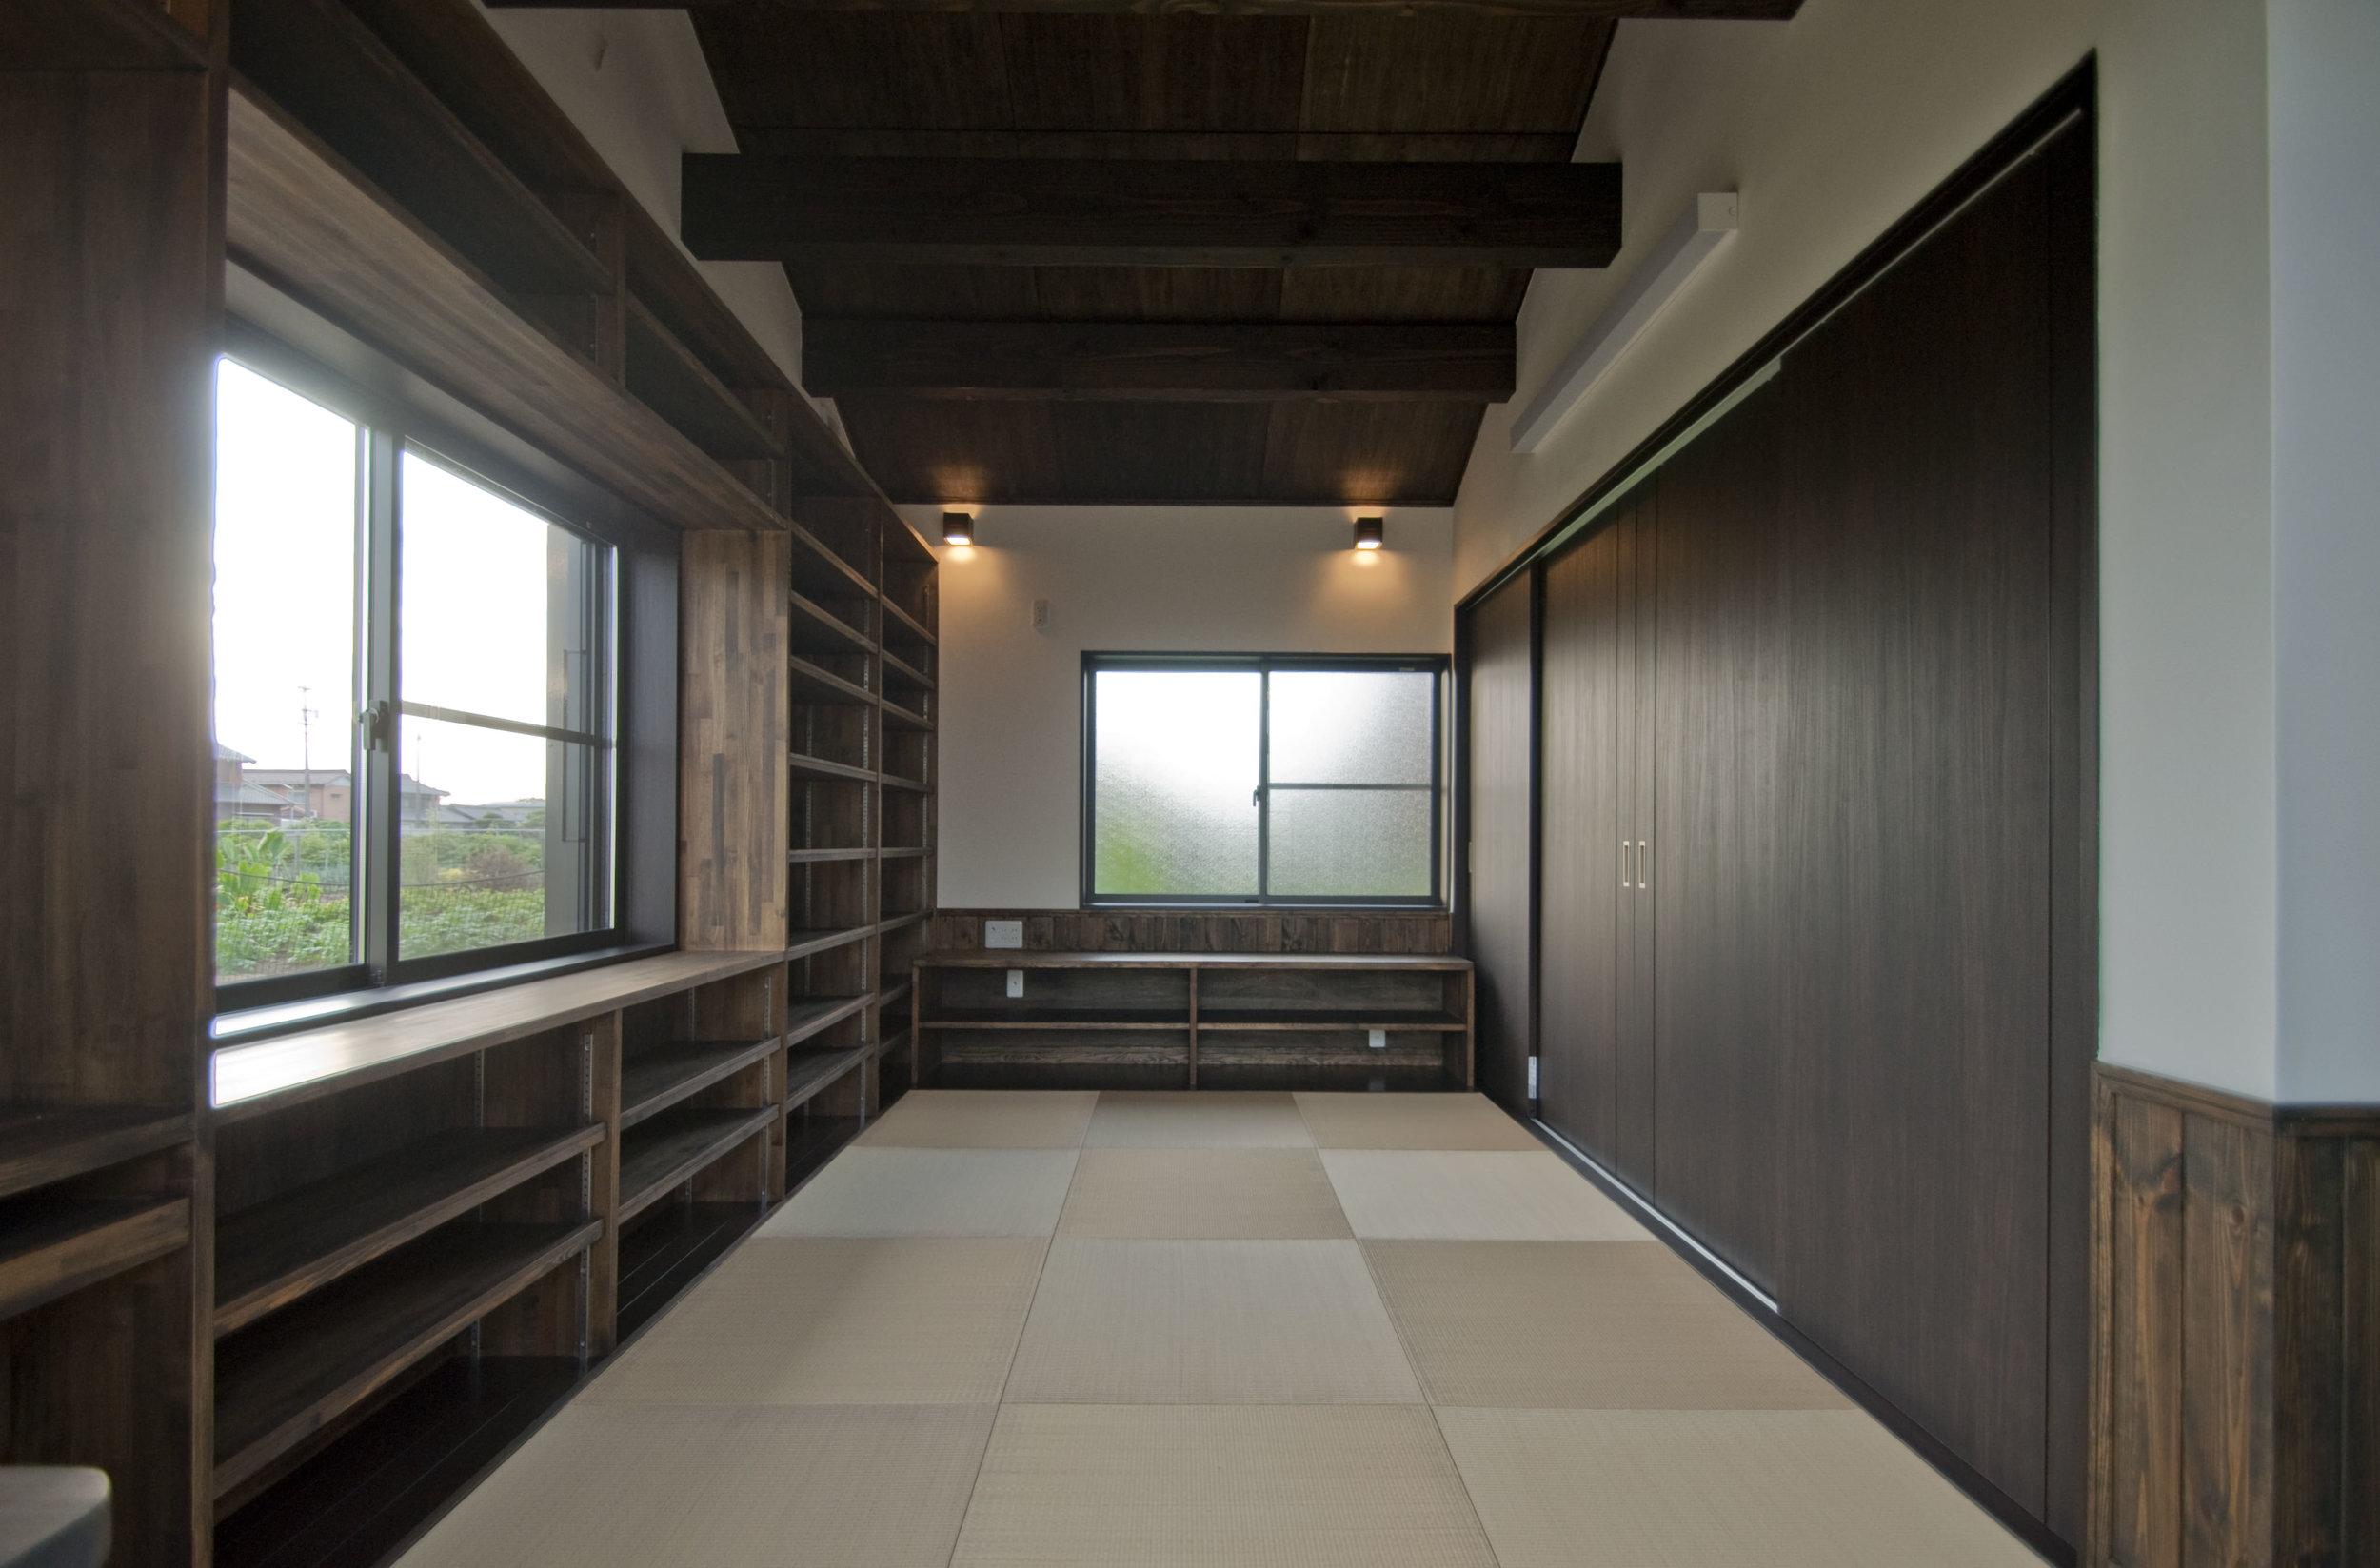 成正建装 愛知県 犬山市 新築 リフォーム 古民家再生 家づくり13.jpg